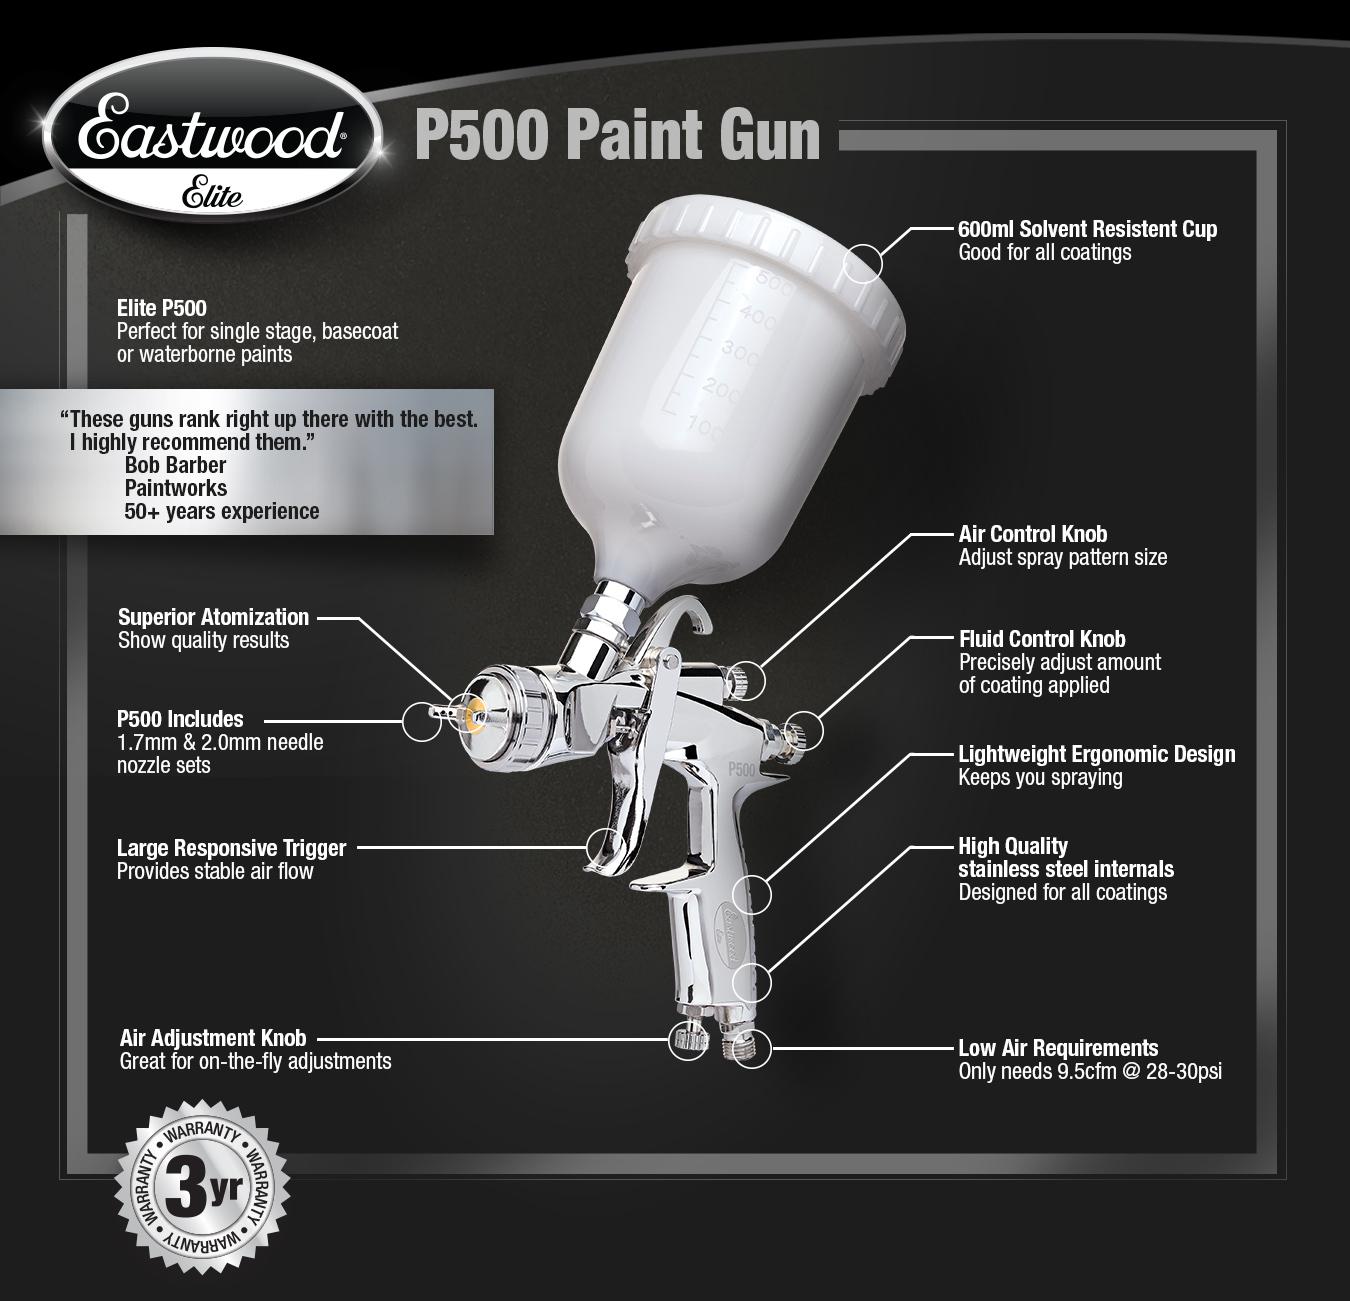 Eastwood Elite P500 Primer HVLP Paint Gun